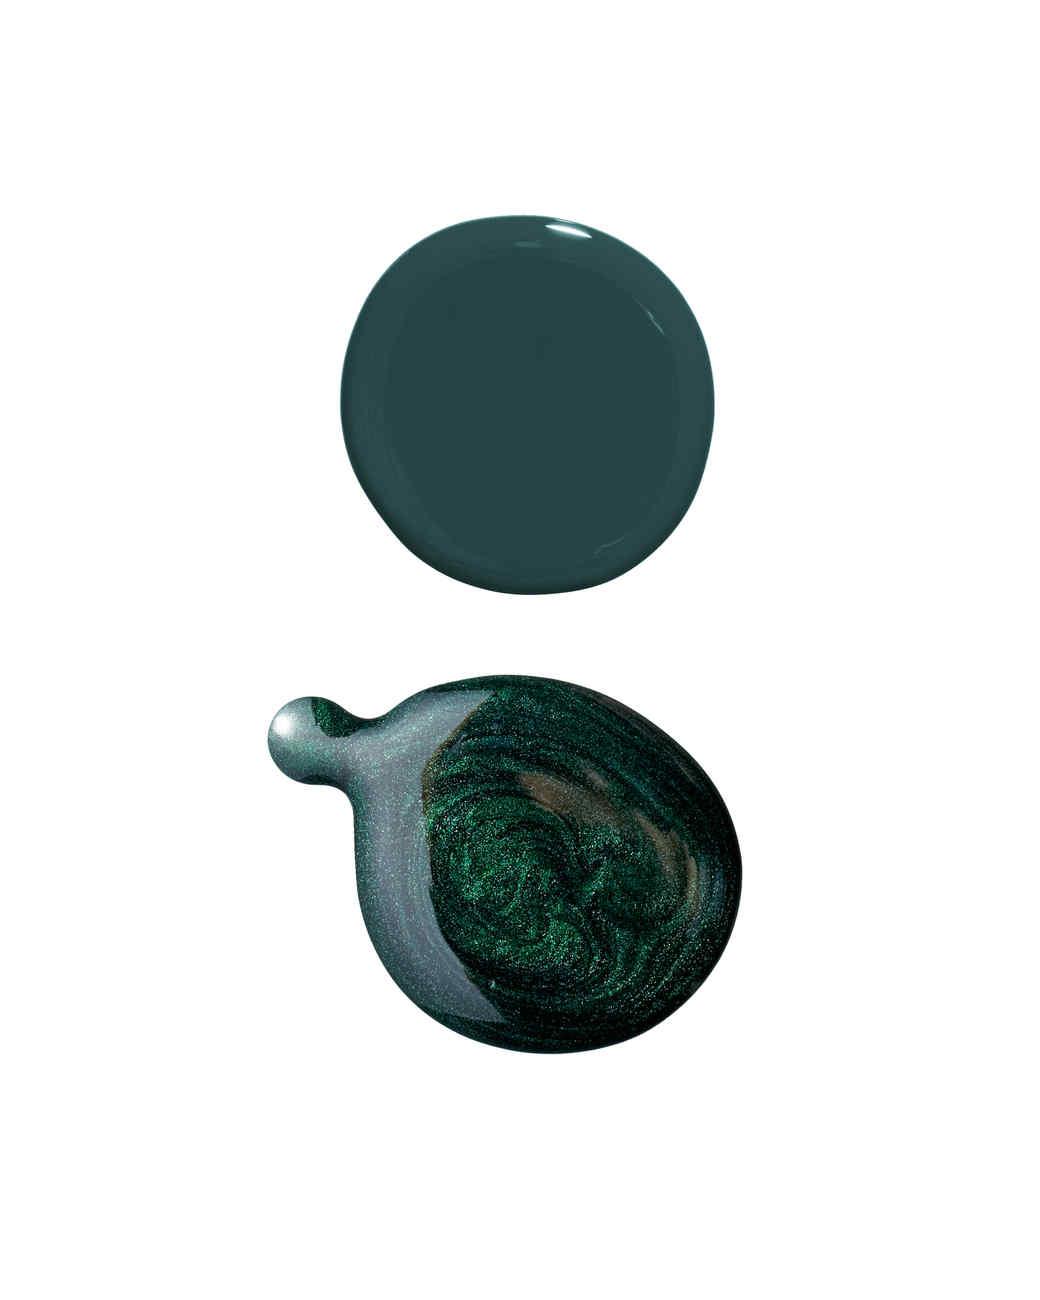 nail-polish-darkgreens-msl0612.jpg